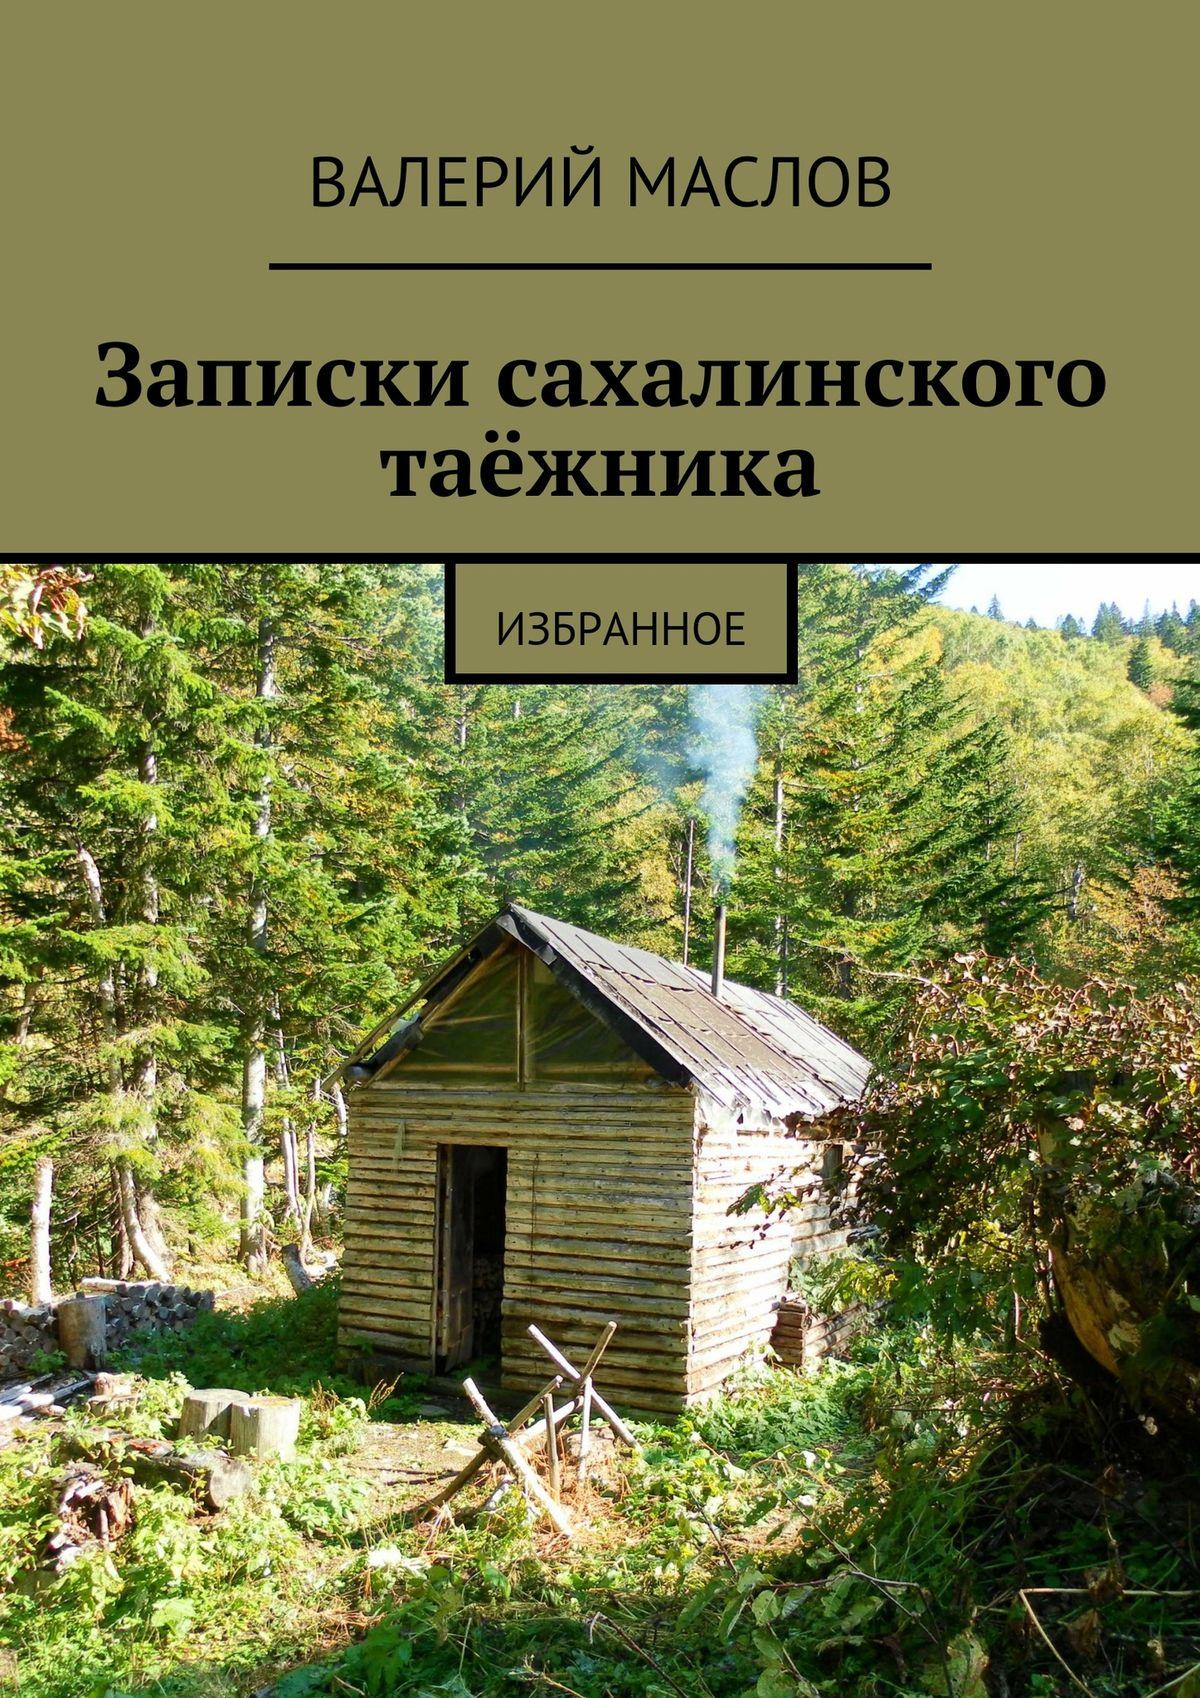 Записки сахалинского таёжника. Избранное